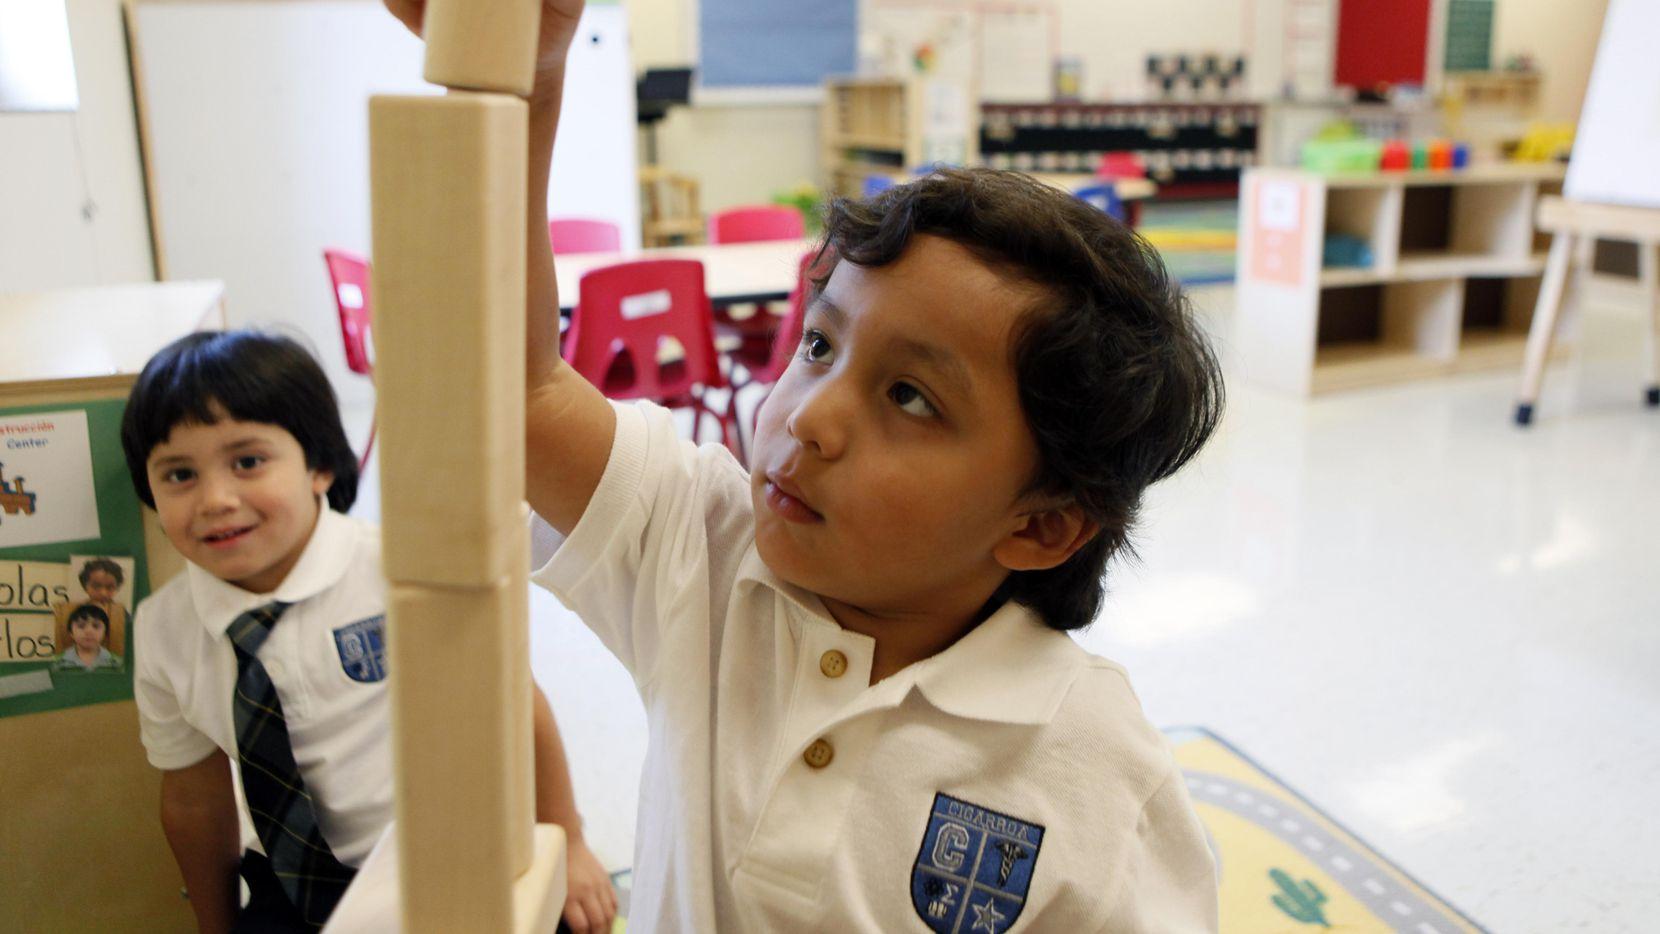 El distrito quiere aumentar la inscripción con los niños de 3 años. (ESPECIAL PARA AL DÍA/BEN TORRES)